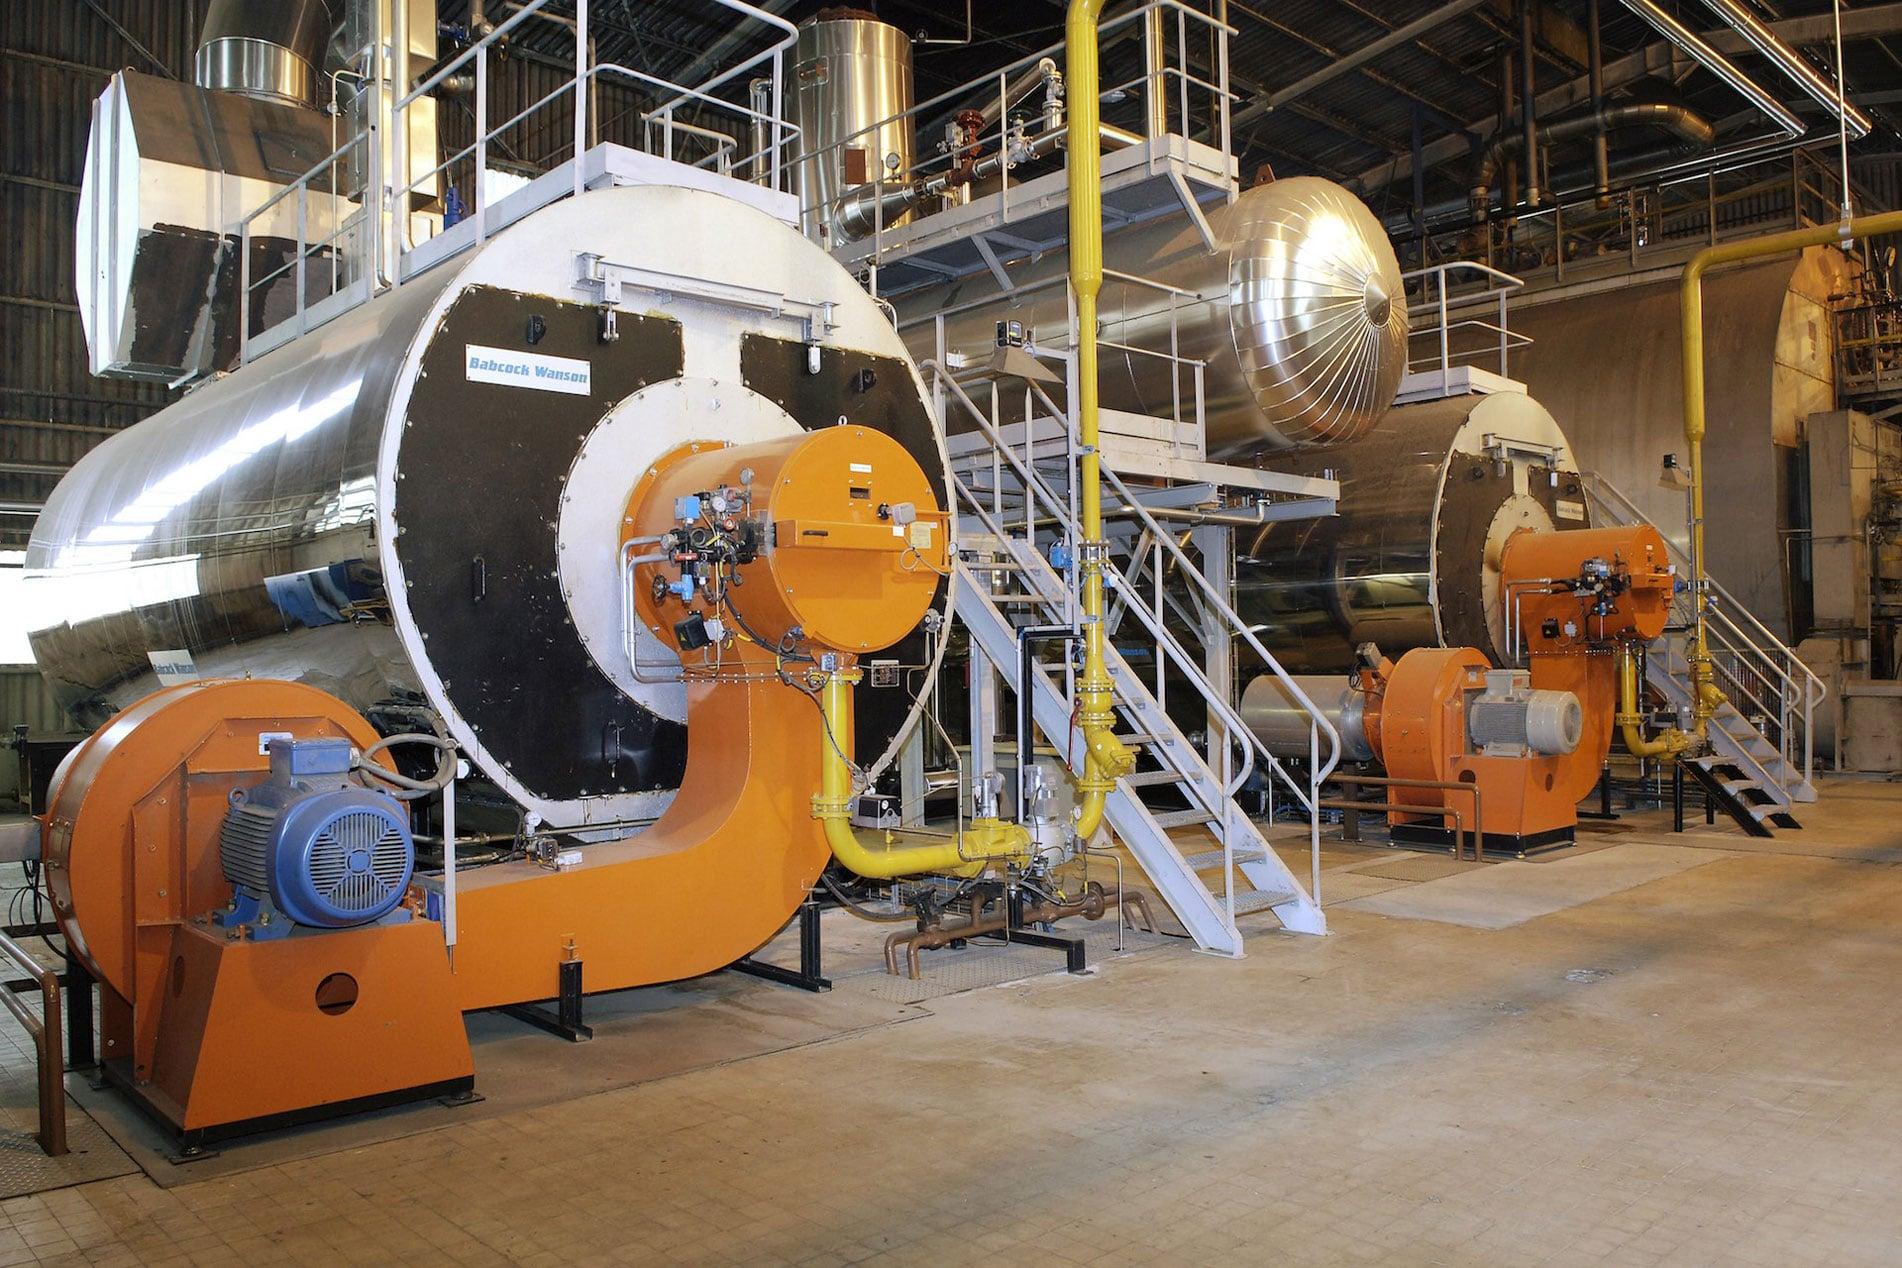 Fábrica de fabricação de placas de £ 11 milhões em destaque